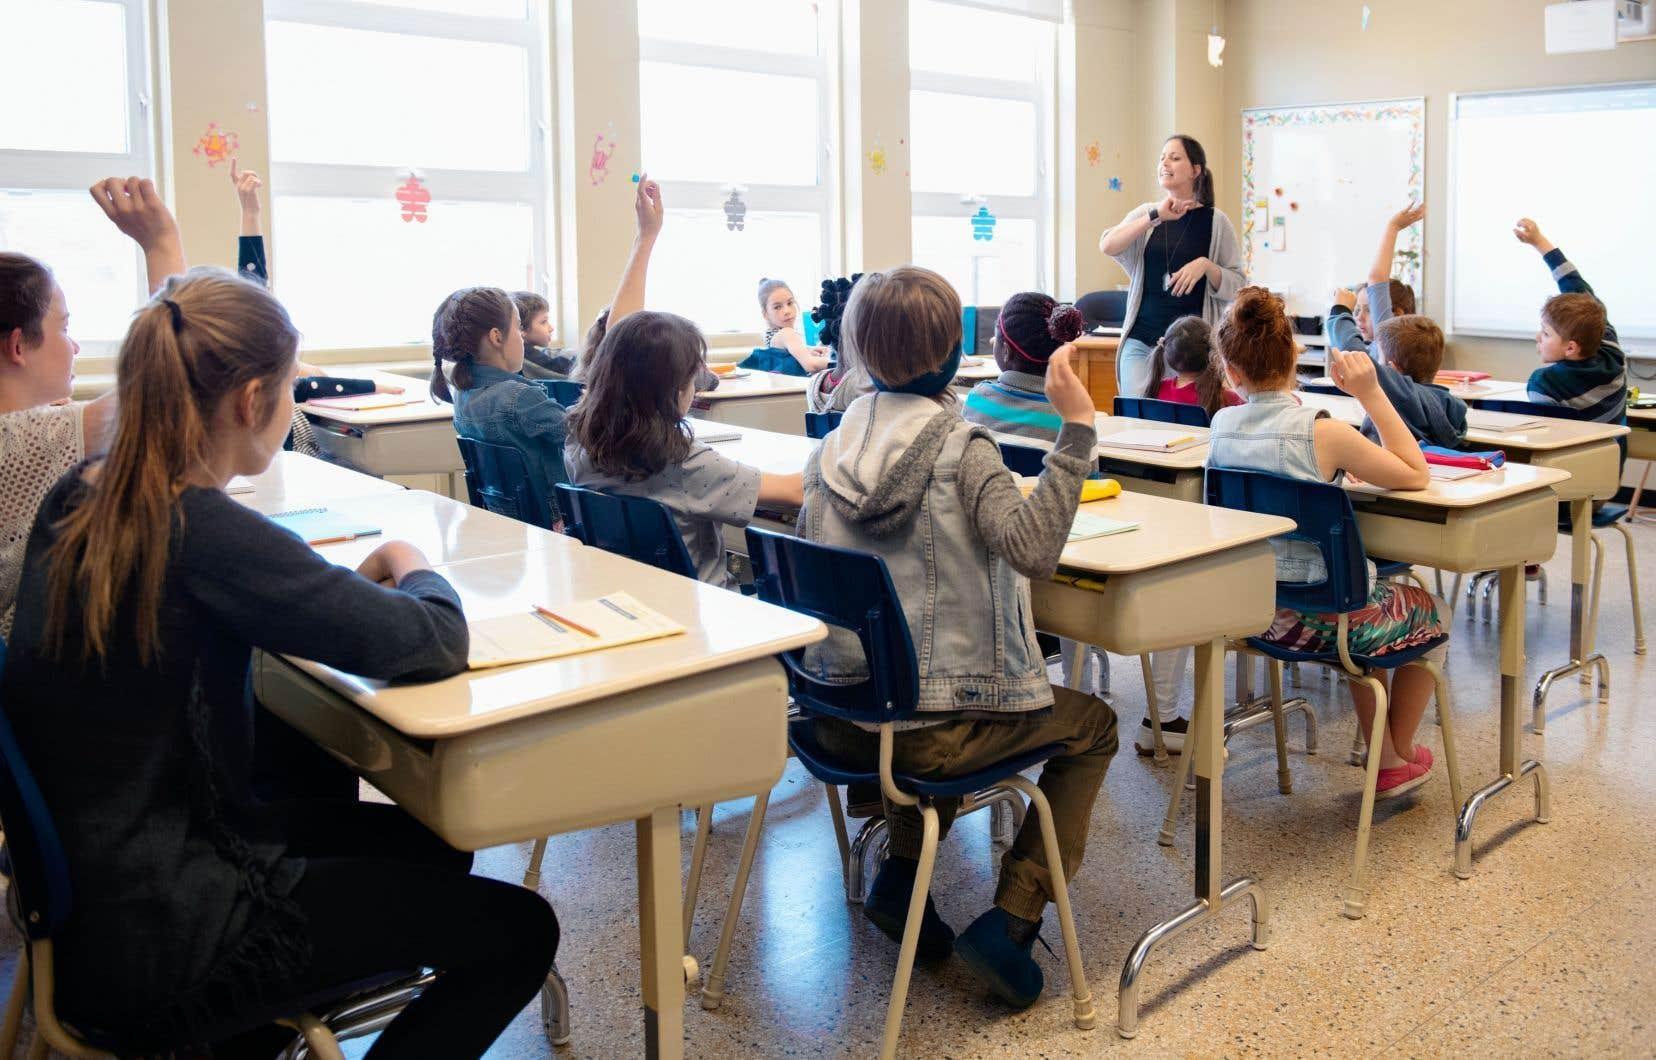 Les enseignants du primaire et du secondaire au Québec sont encore bons derniers au Canada en matière de rémunération.